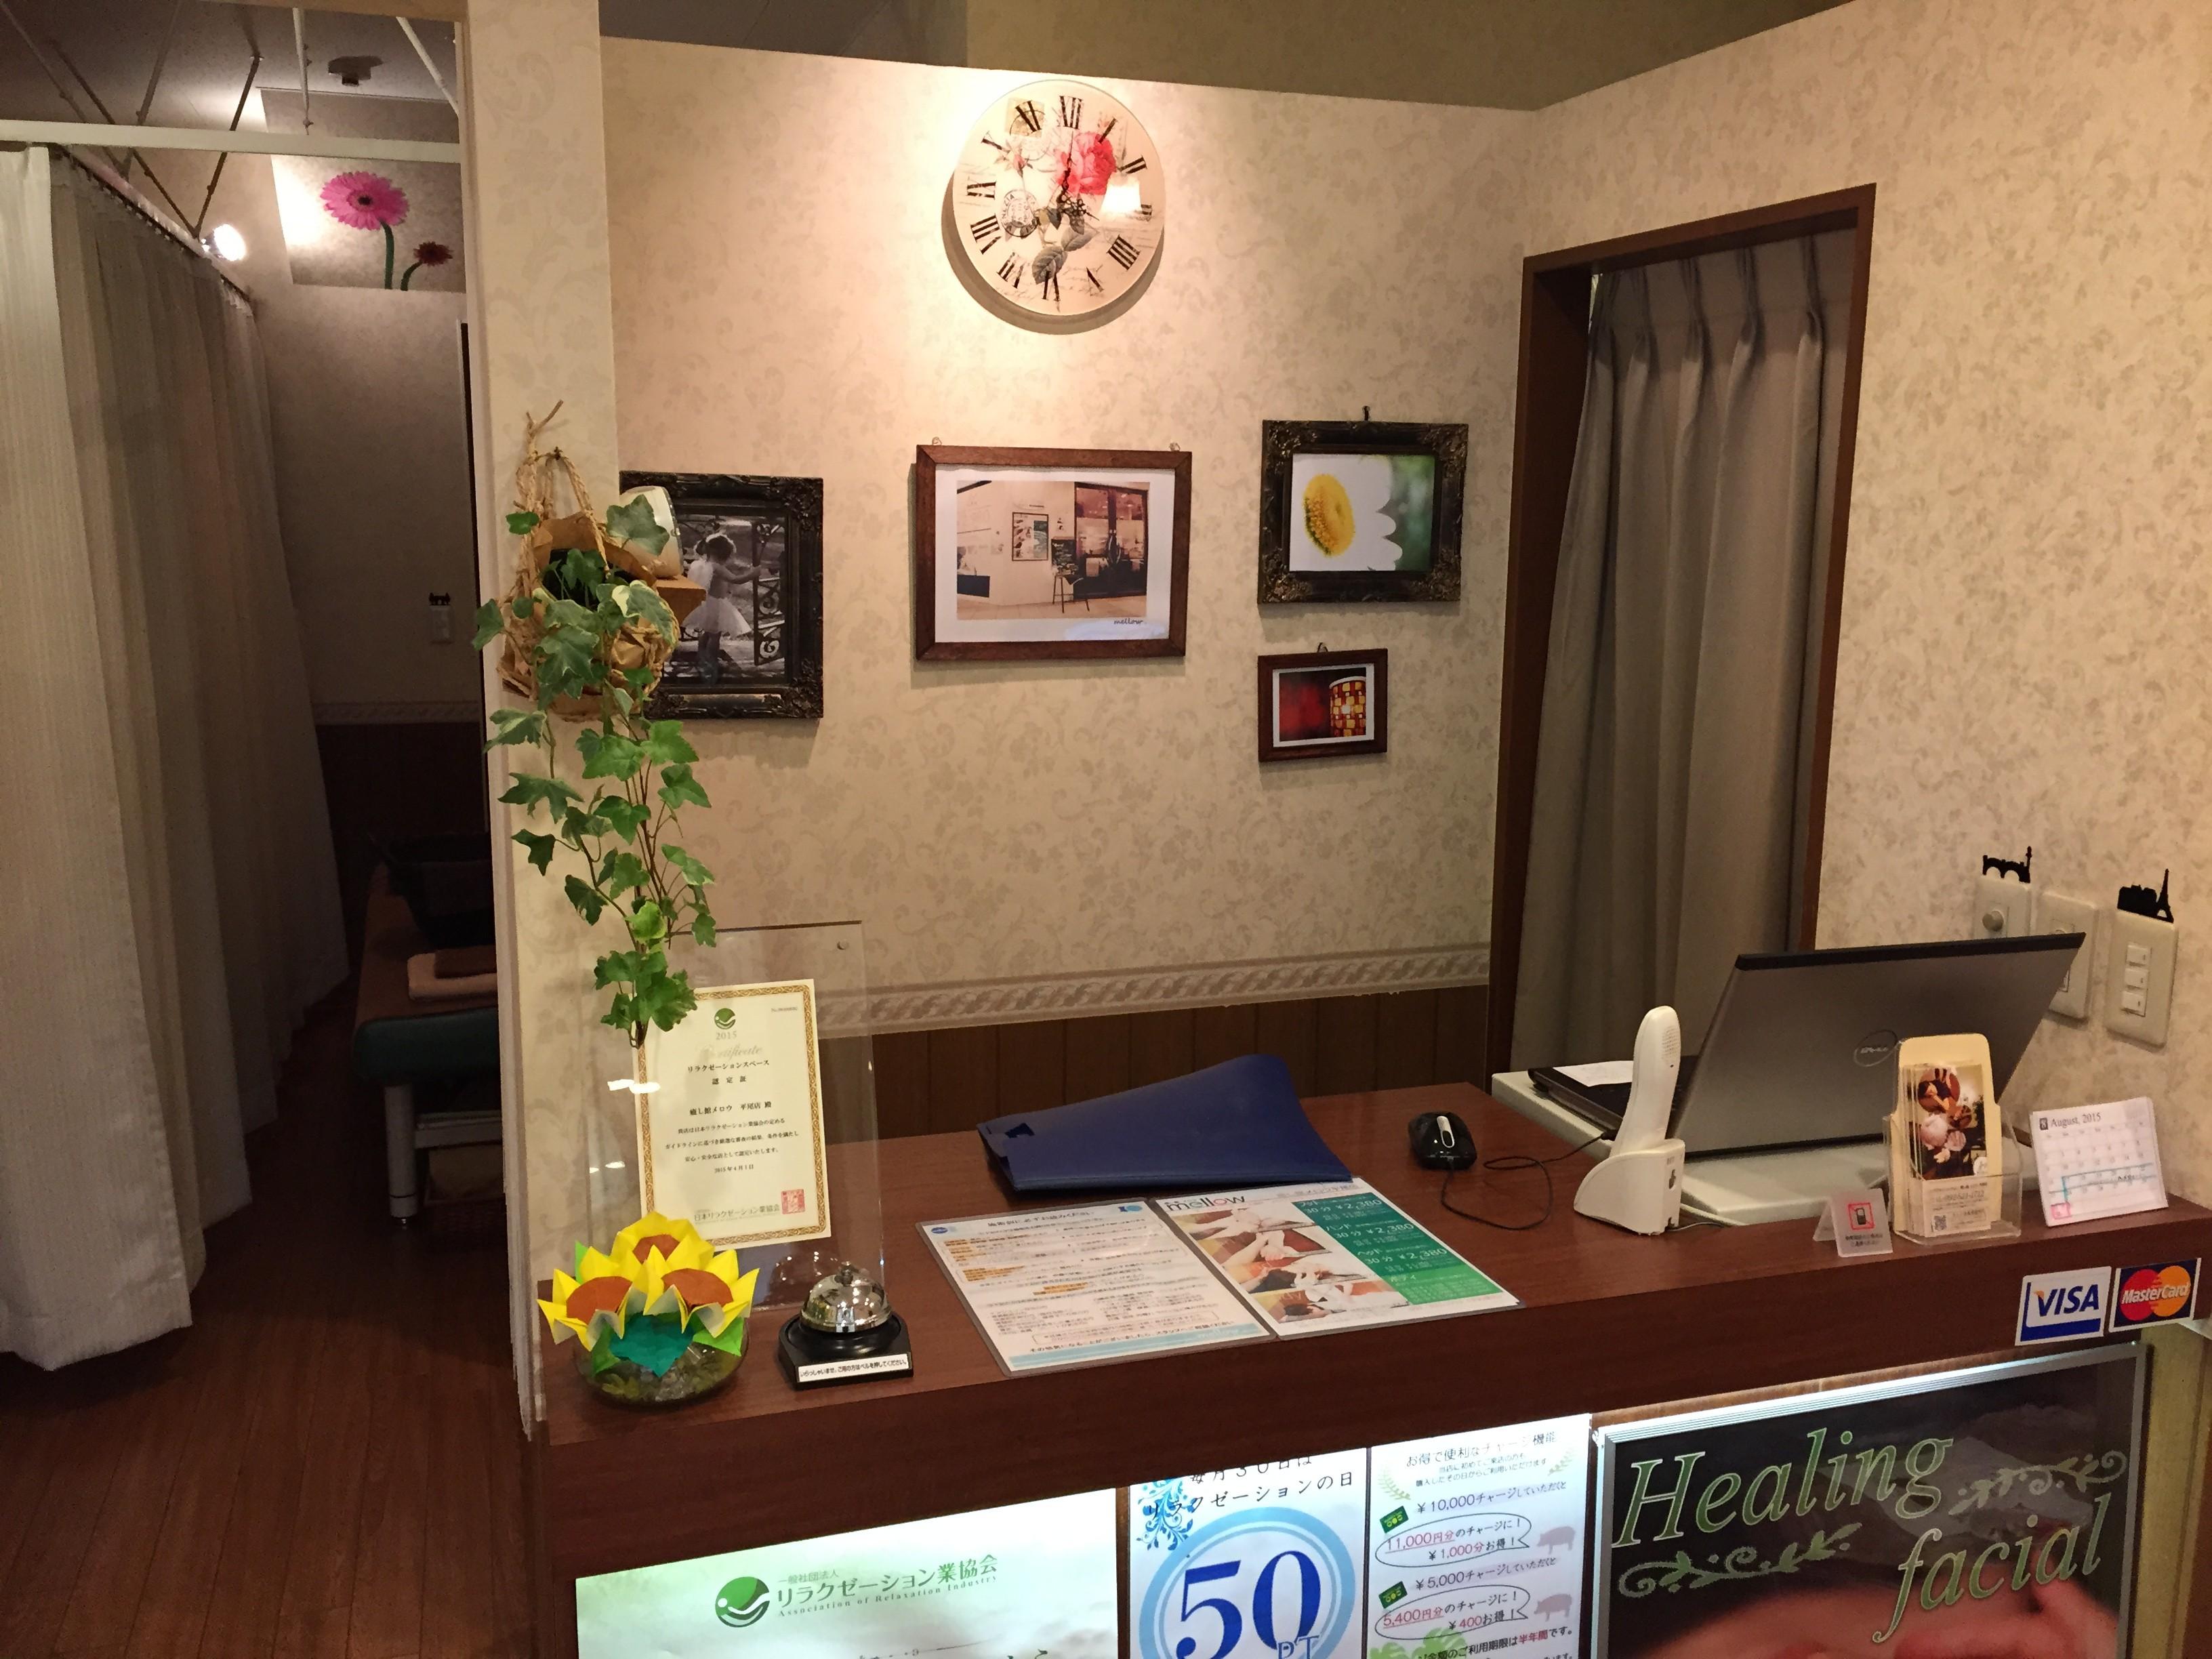 癒し館 メロウ 平尾店 のアルバイト情報